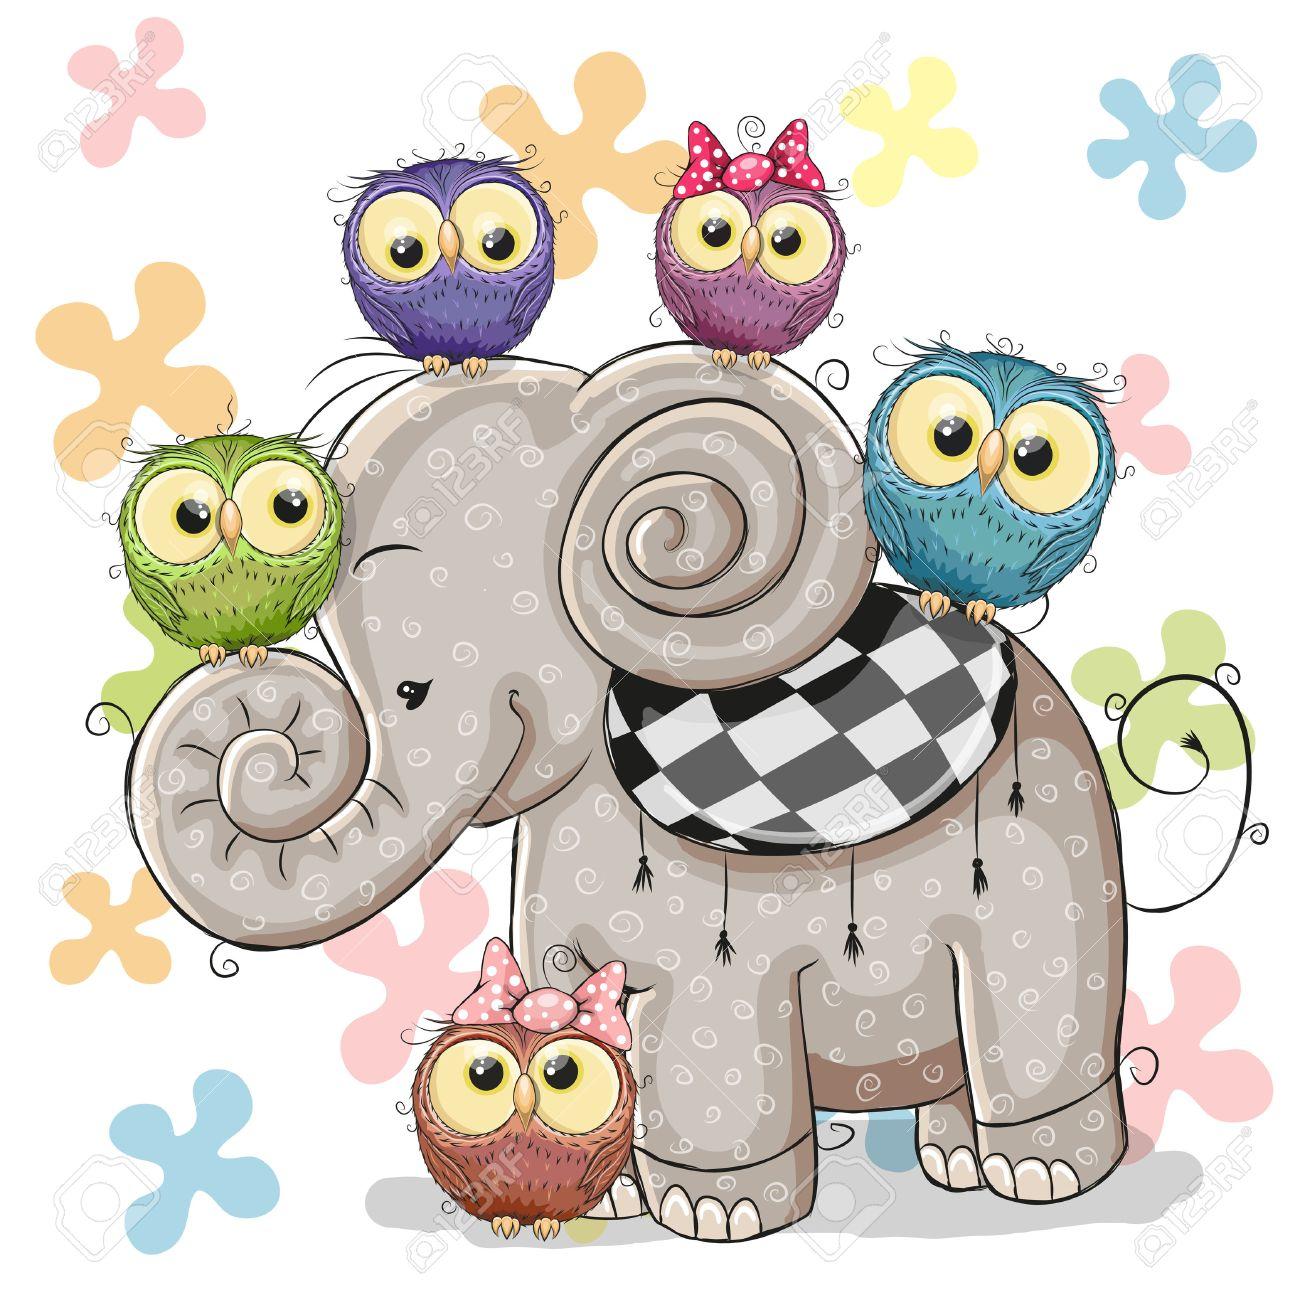 El Elefante Lindo Y Cinco Búhos De Dibujos Animados Sobre Un Fondo